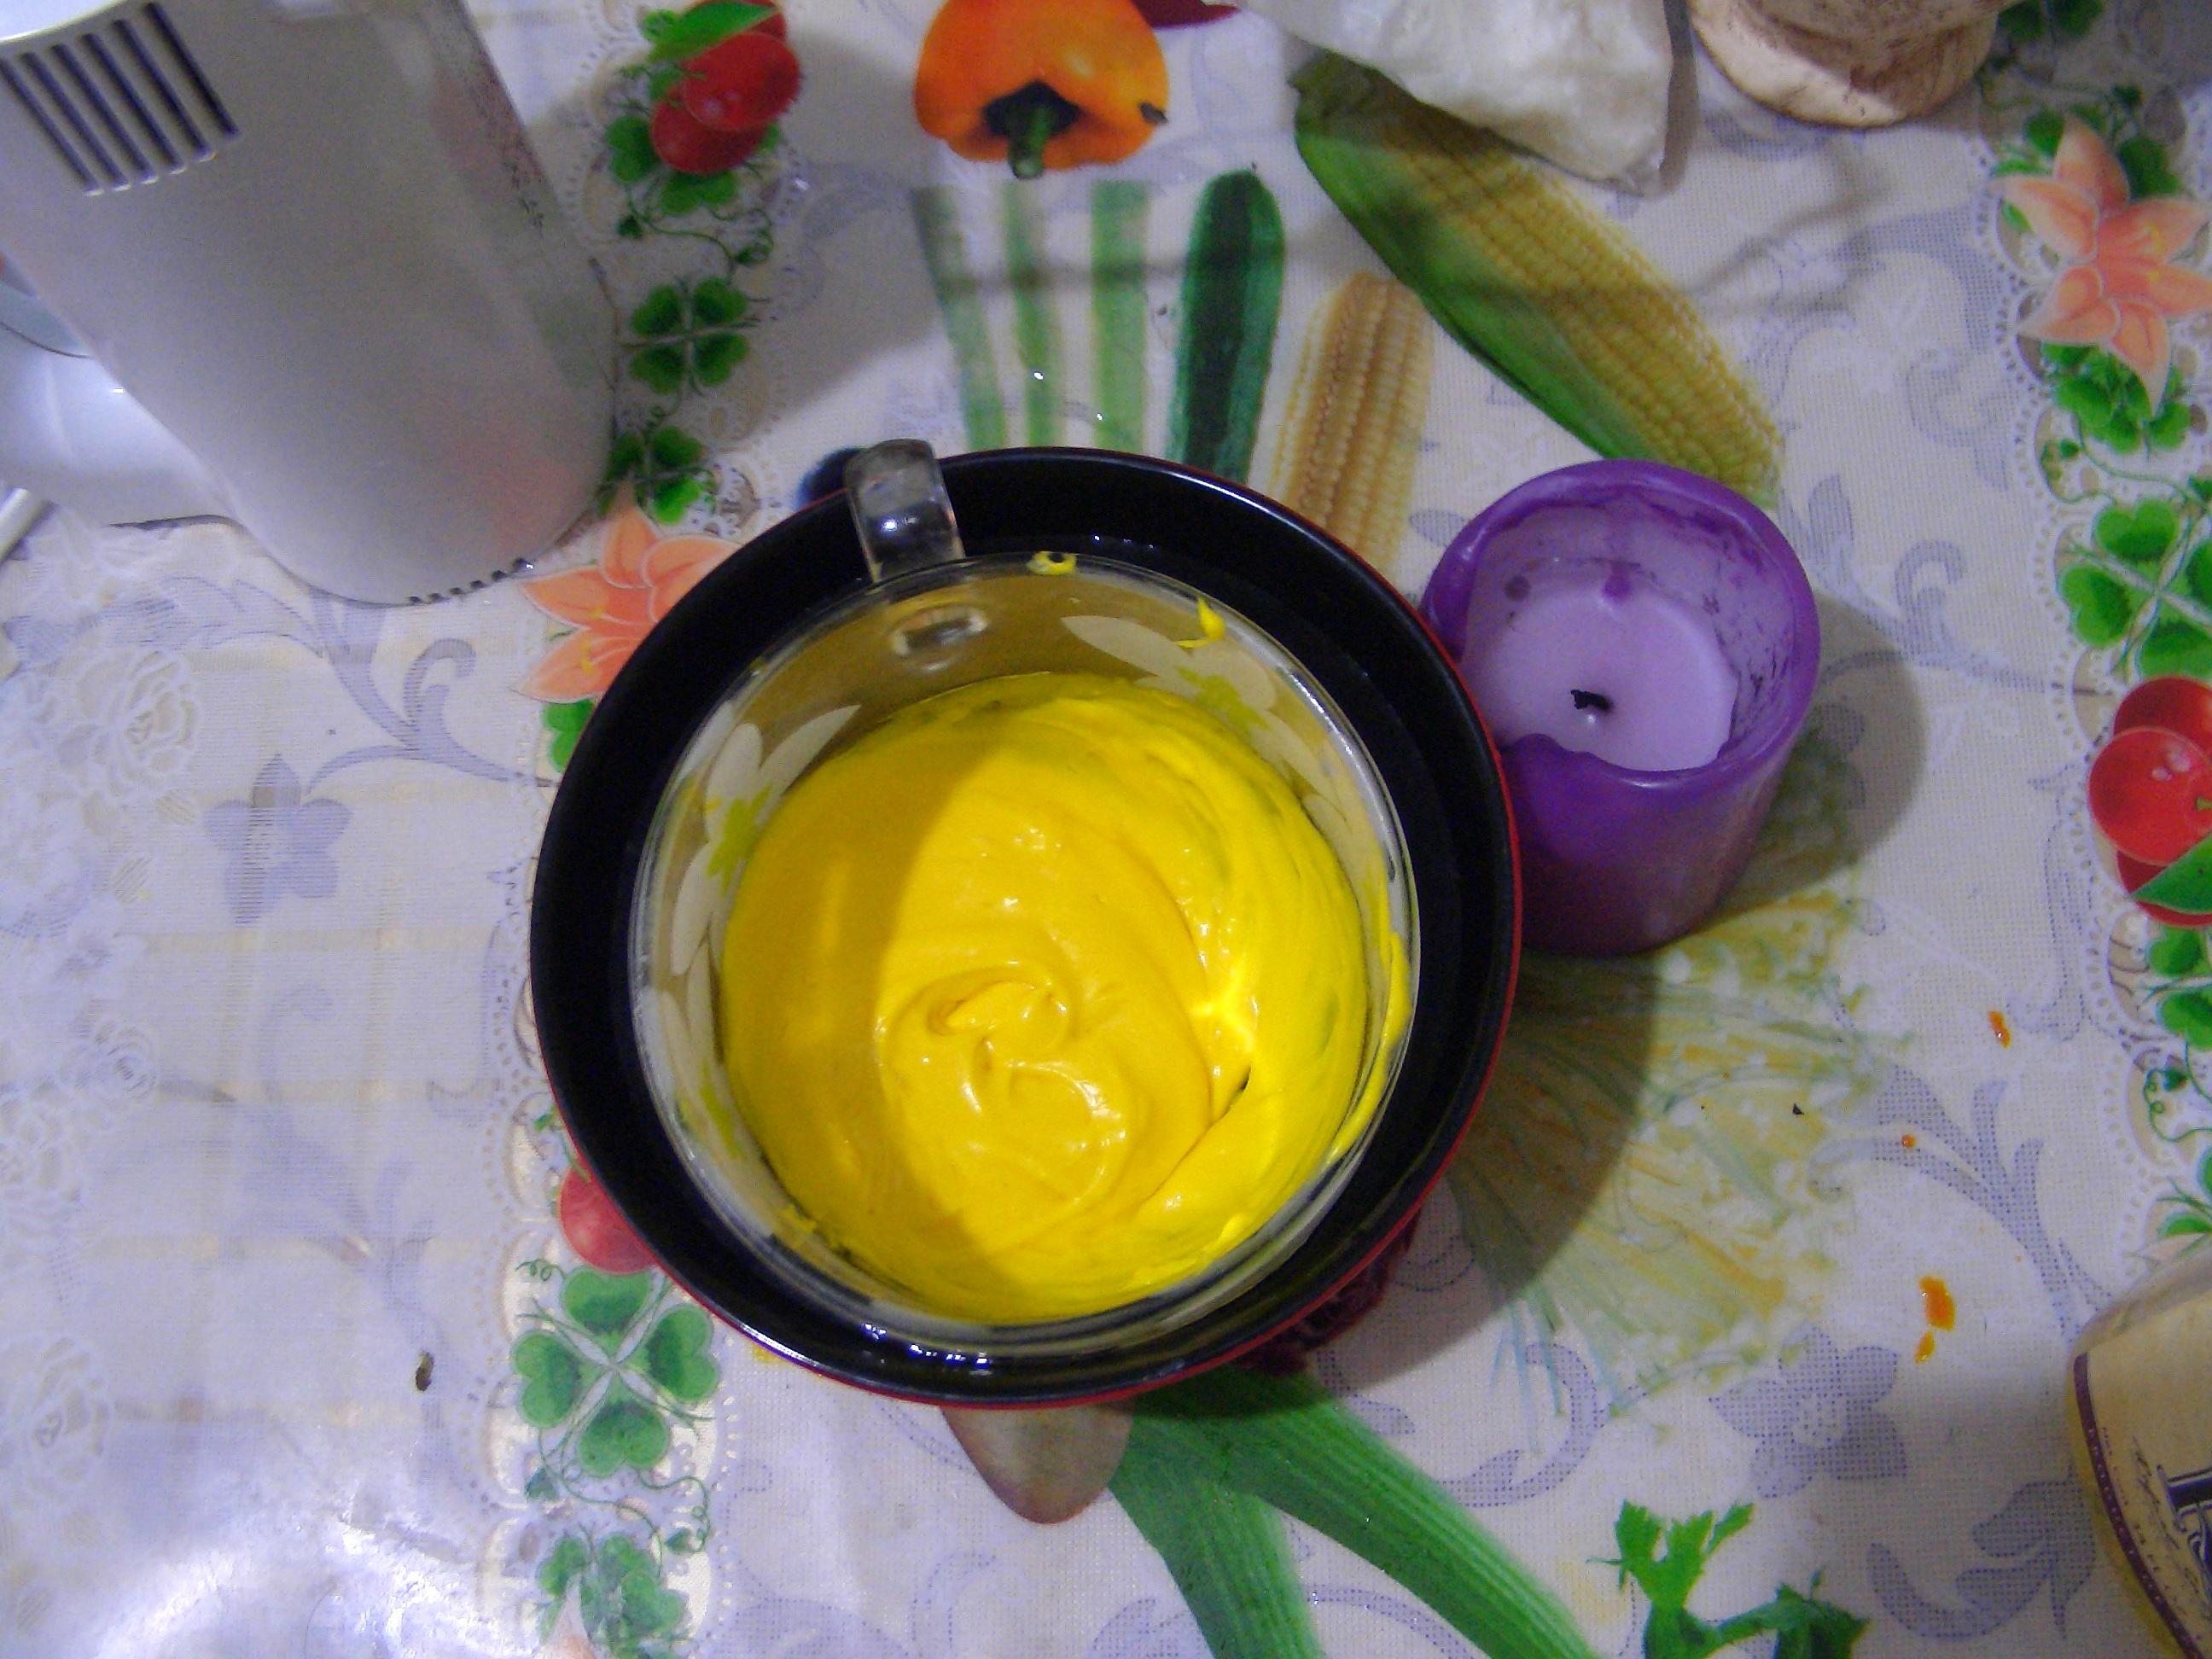 Изготовление крема домашних условиях